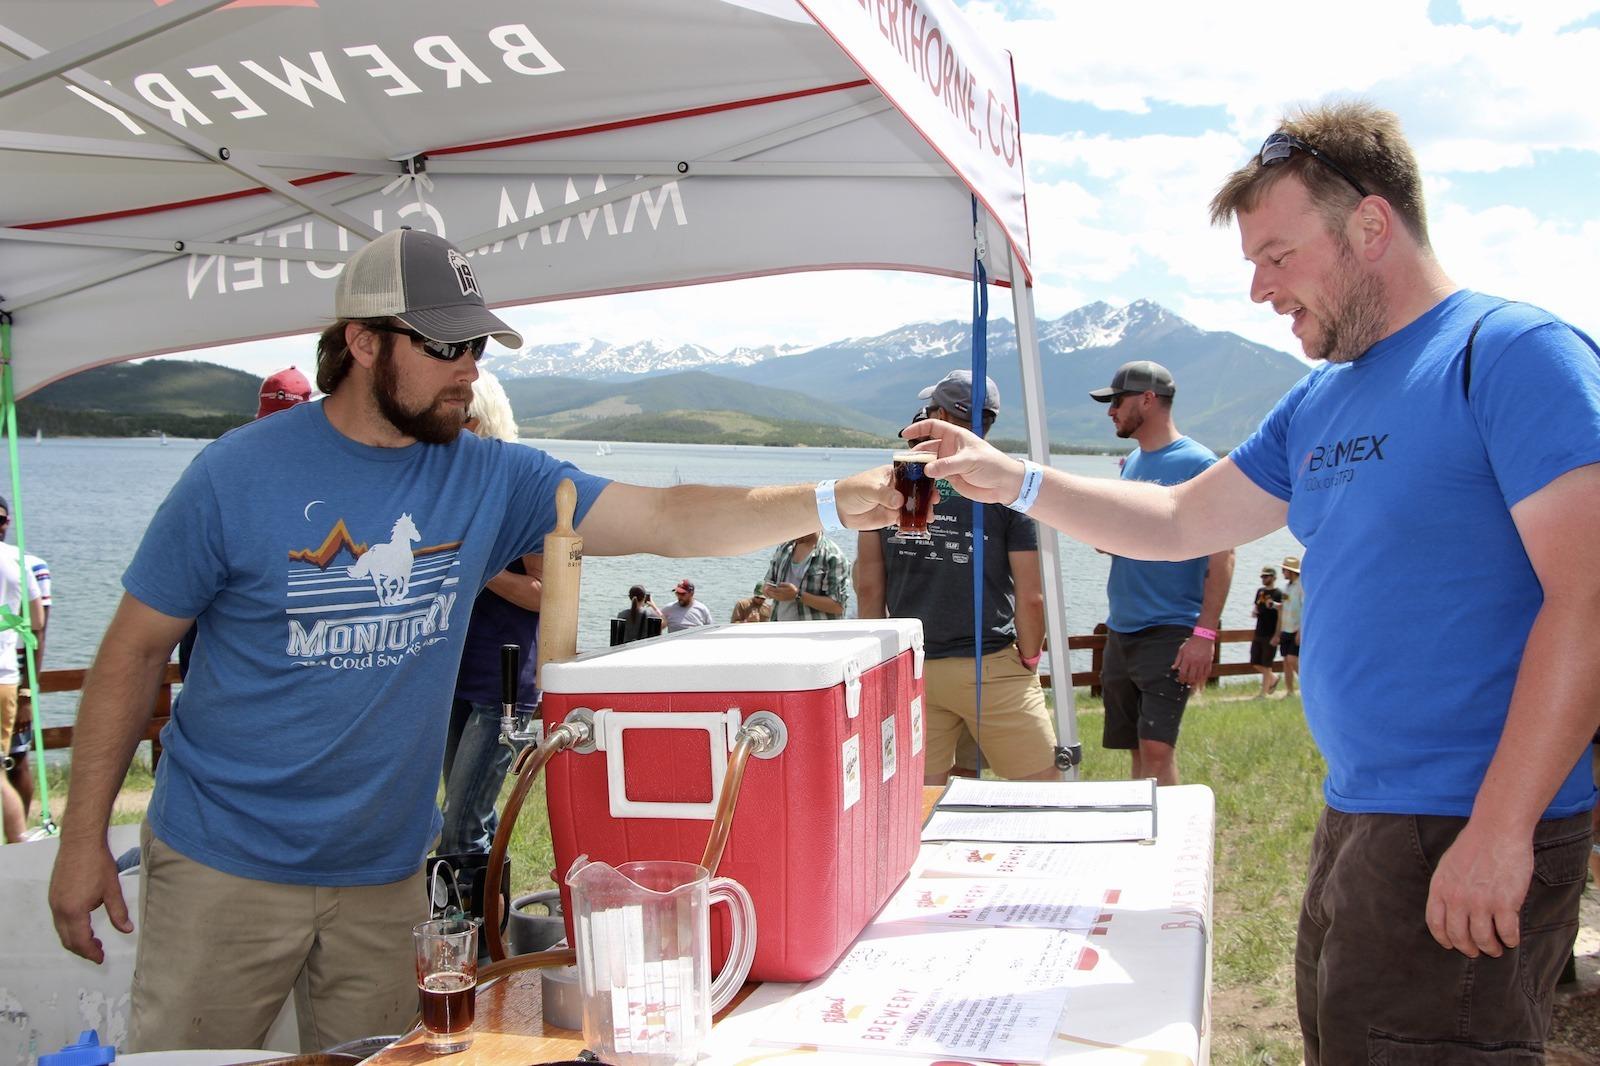 Dillon Colorado in the high Colorado mountains has an annual beer festival